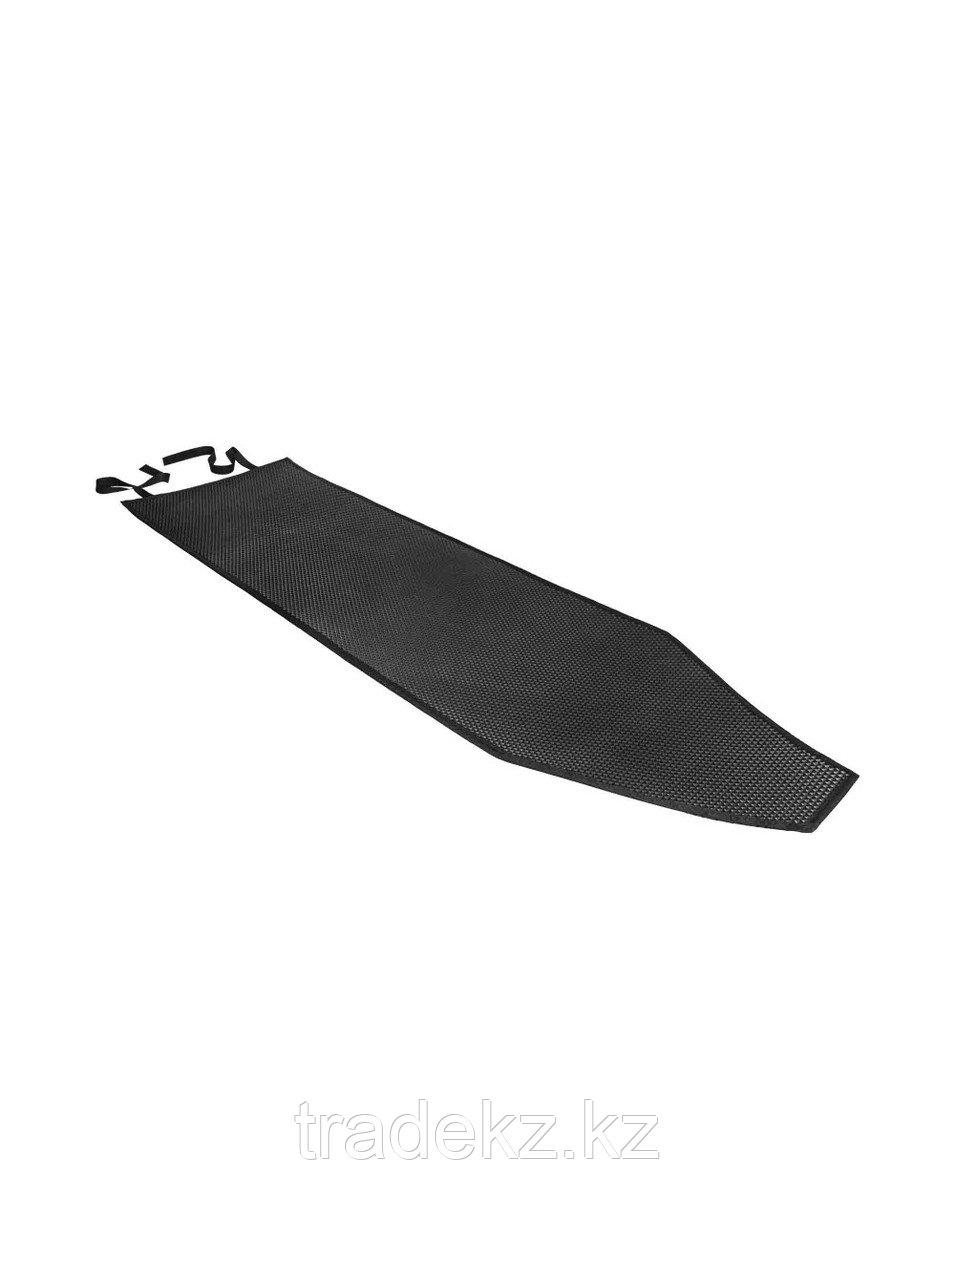 Коврик ЭВА EVA Standart по форме дна для лодки РИВЬЕРА 3200СК КОМПАКТ